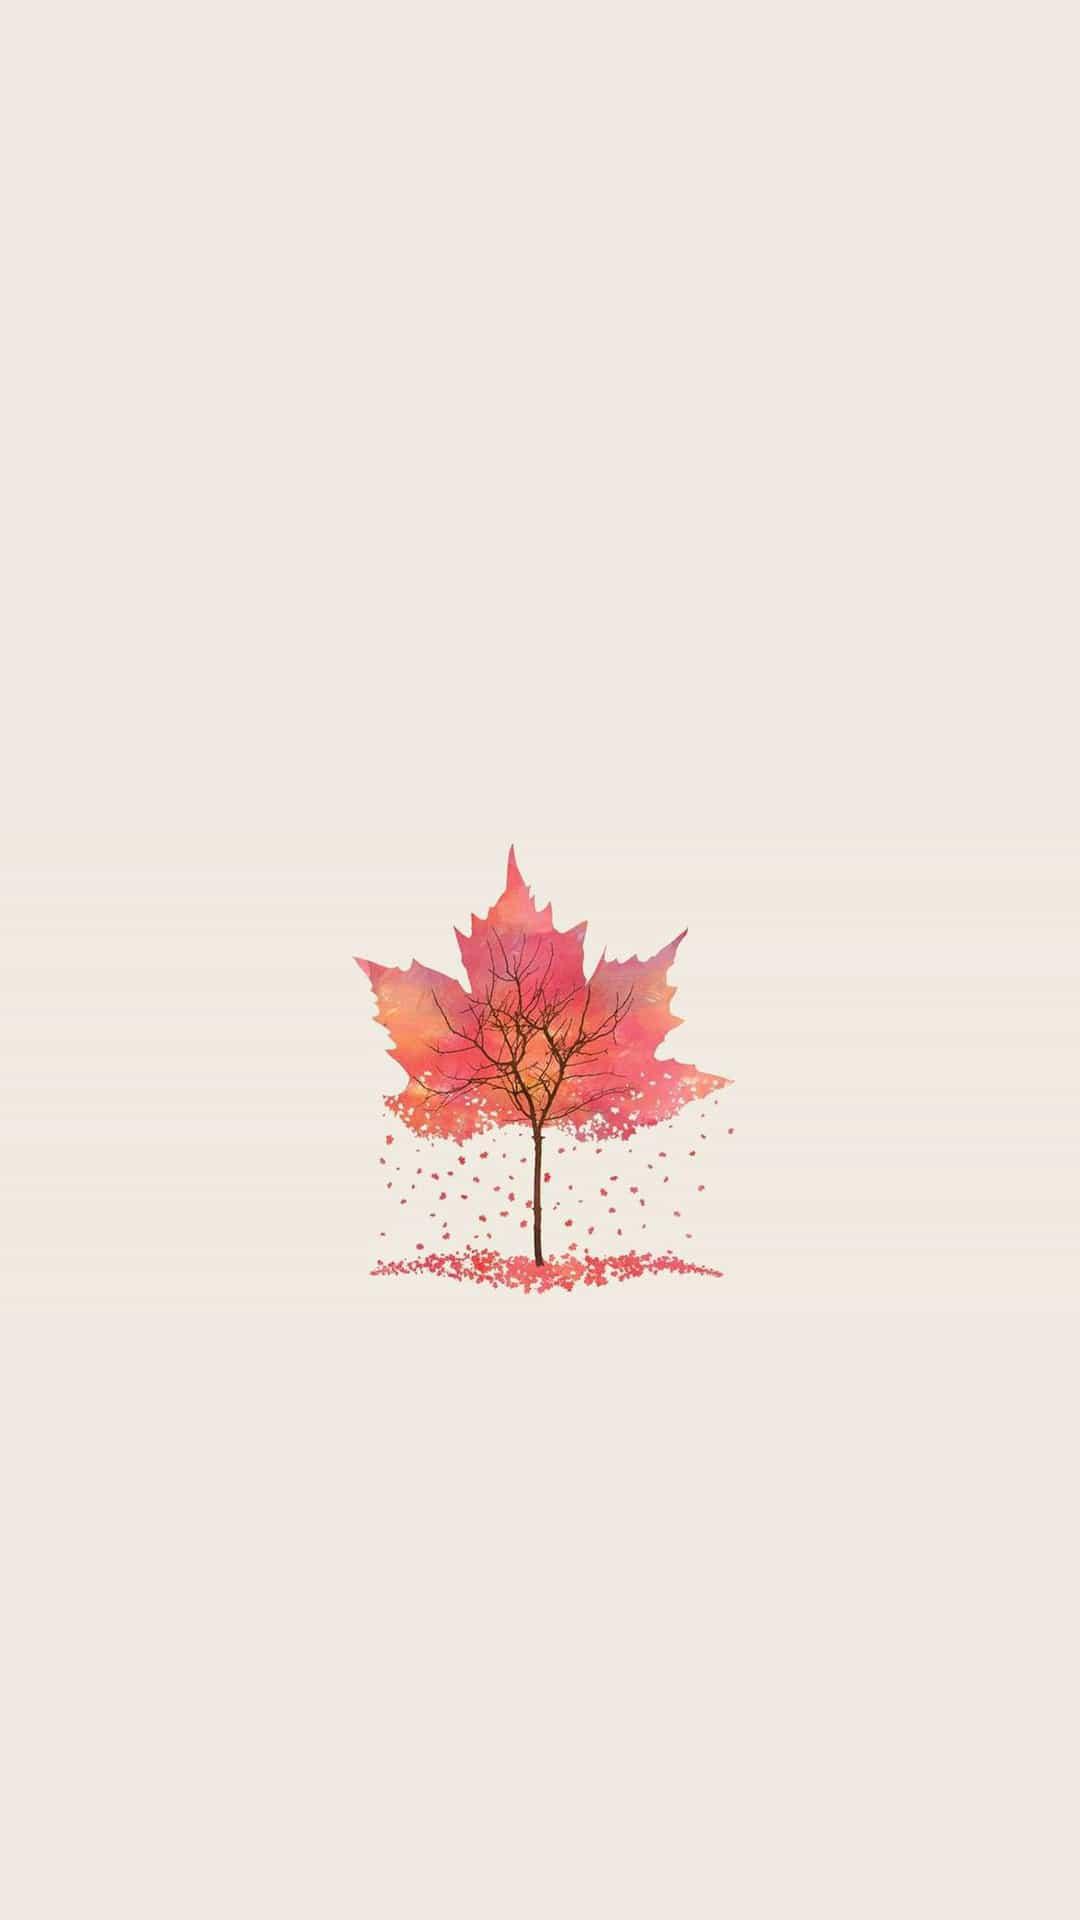 minimal-autumn-tree-leaf-illustration-android-wallpaper